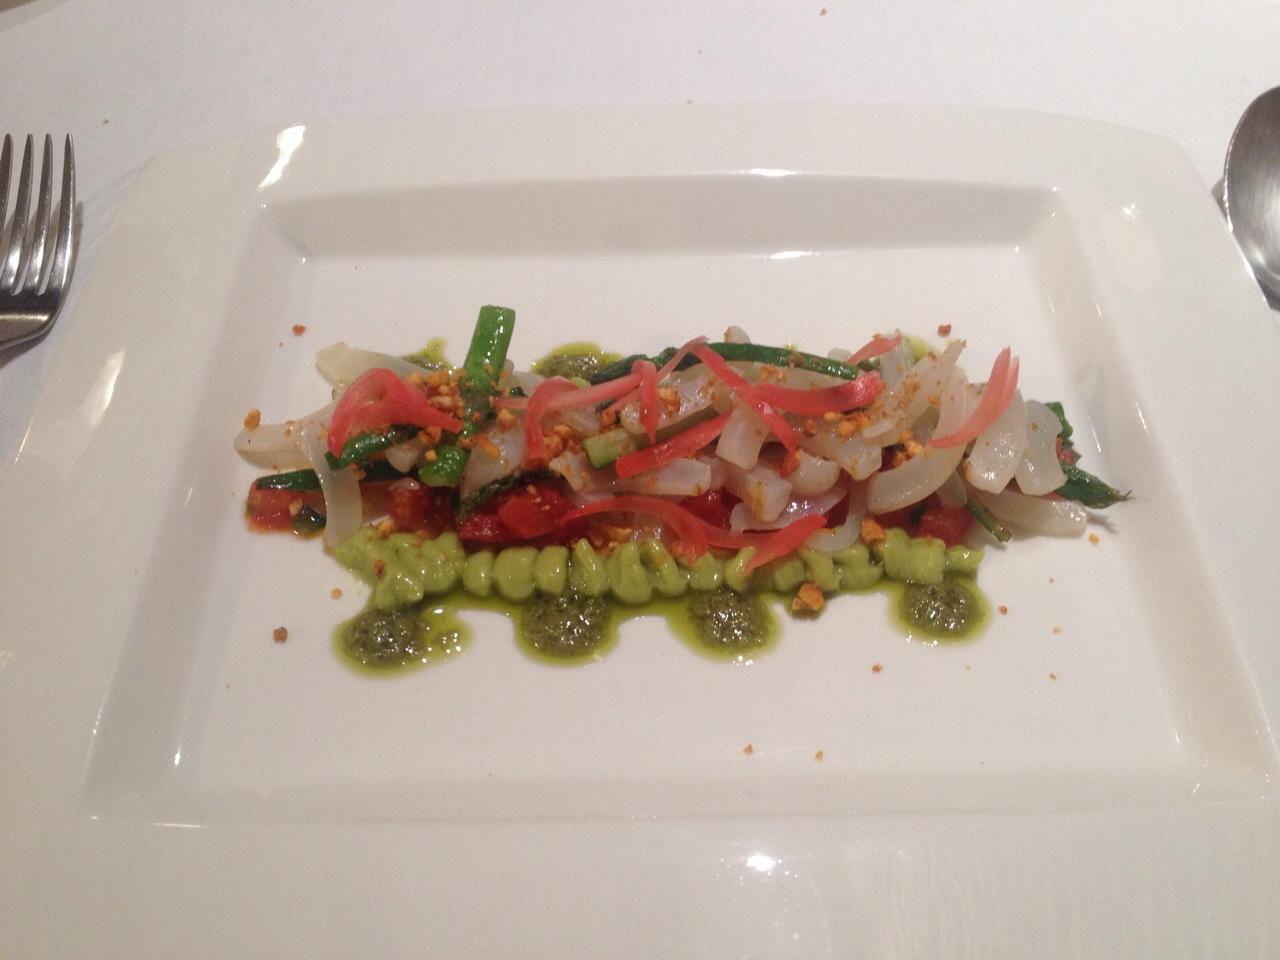 Restaurante Boix quatre (RESTAURANTE CERRADO) coca de picota y salmonetes